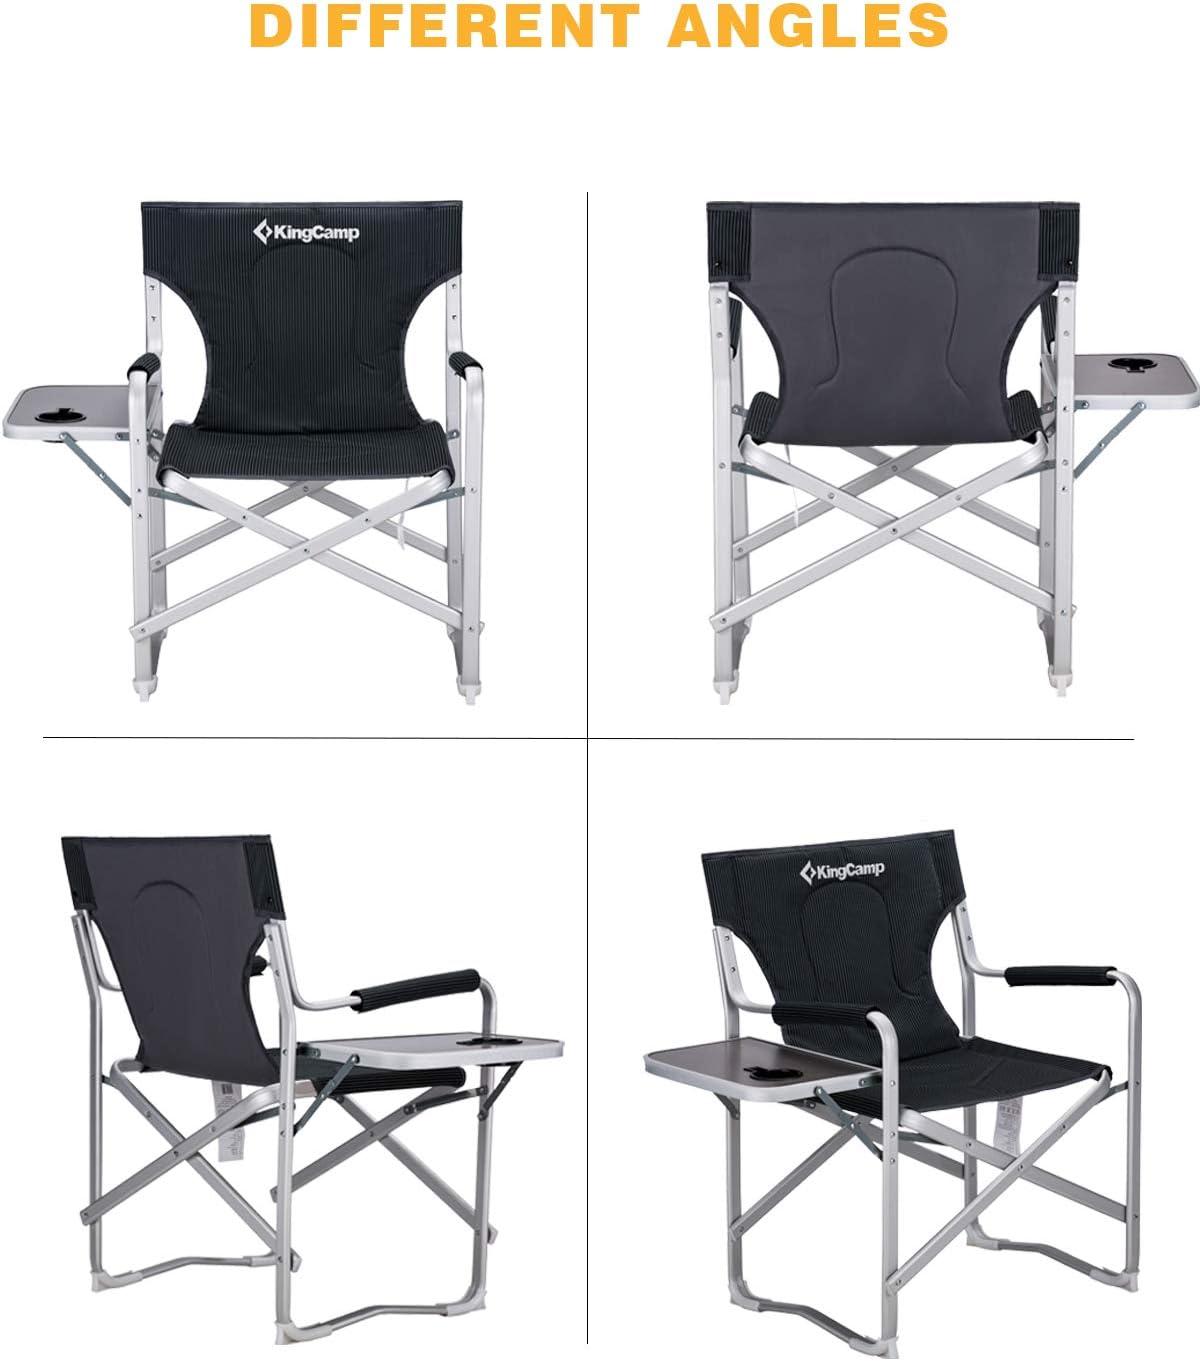 KingCamp Sedia da Regista Pieghevole per Campeggio Resistente Sedile Imbottito Oversize con tavolino Laterale e Custodia portaoggetti 180 kg